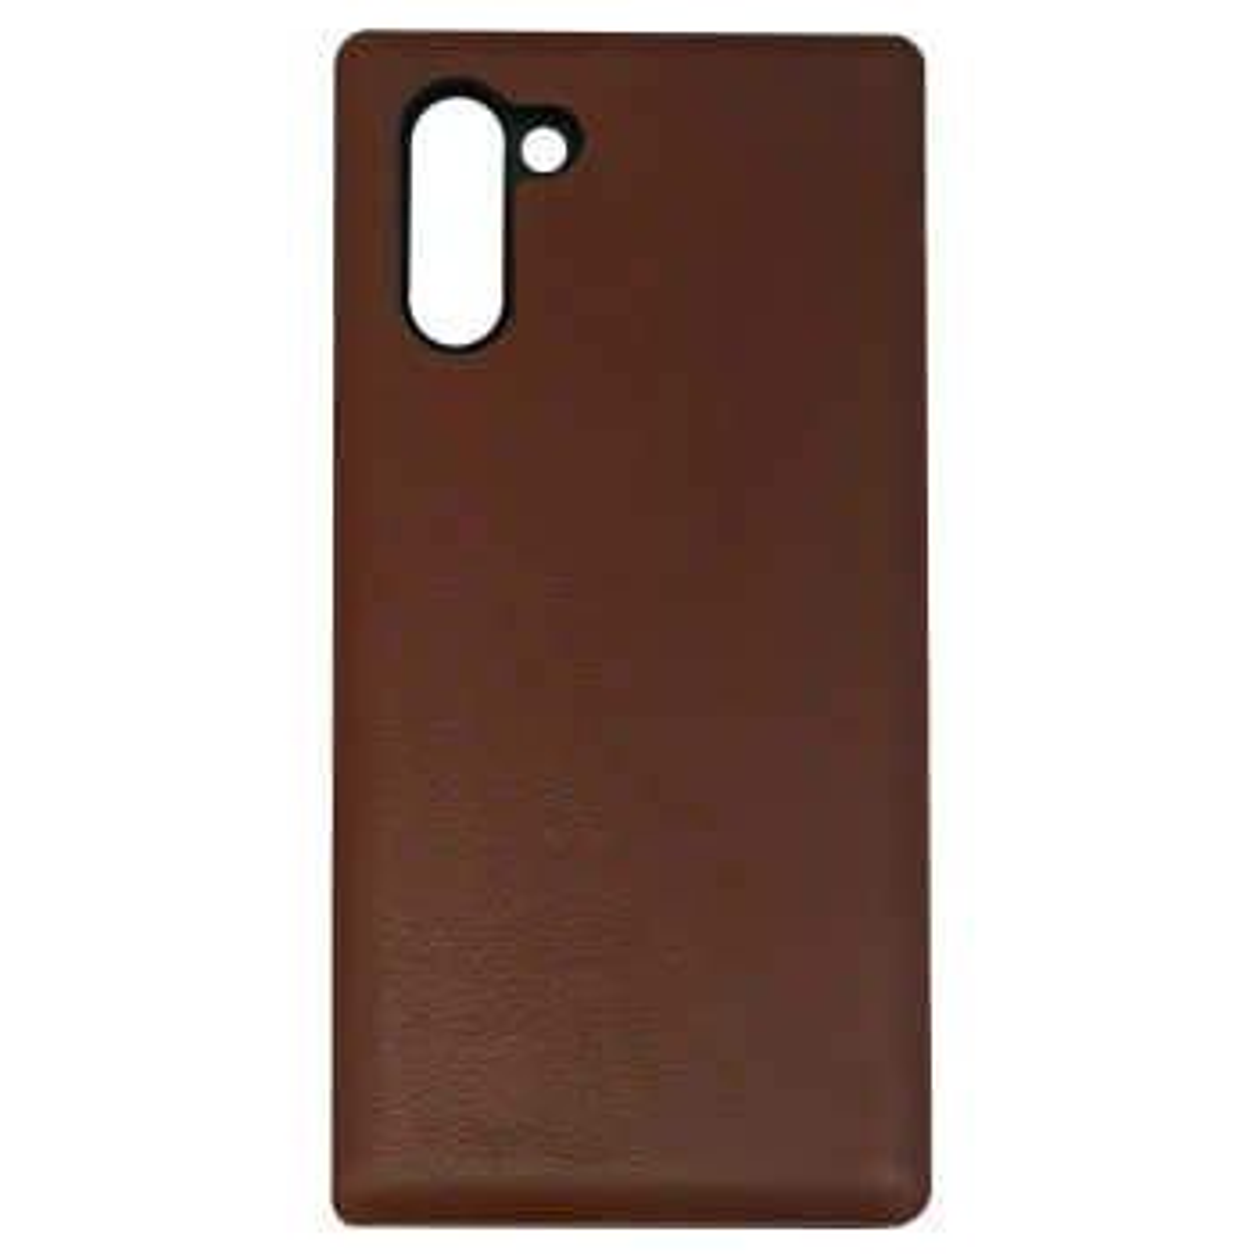 کیف کلاسوری پولوکا مدل KF-212 مناسب برای گوشی موبایل سامسونگ Galaxy Note 10